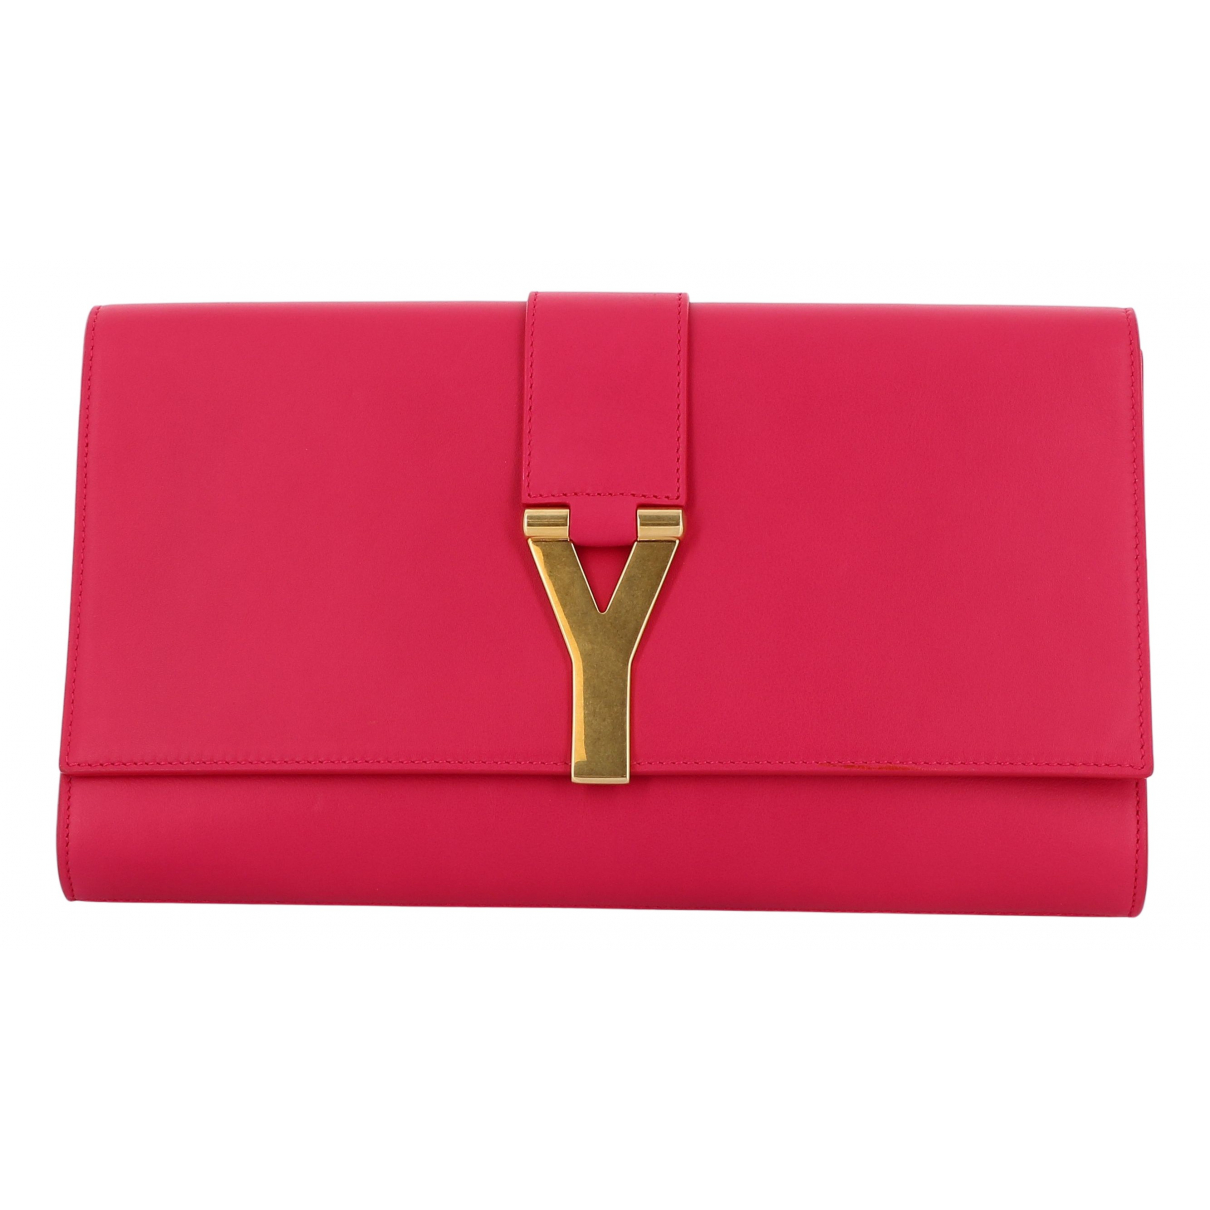 Saint Laurent - Pochette   pour femme en cuir - rose